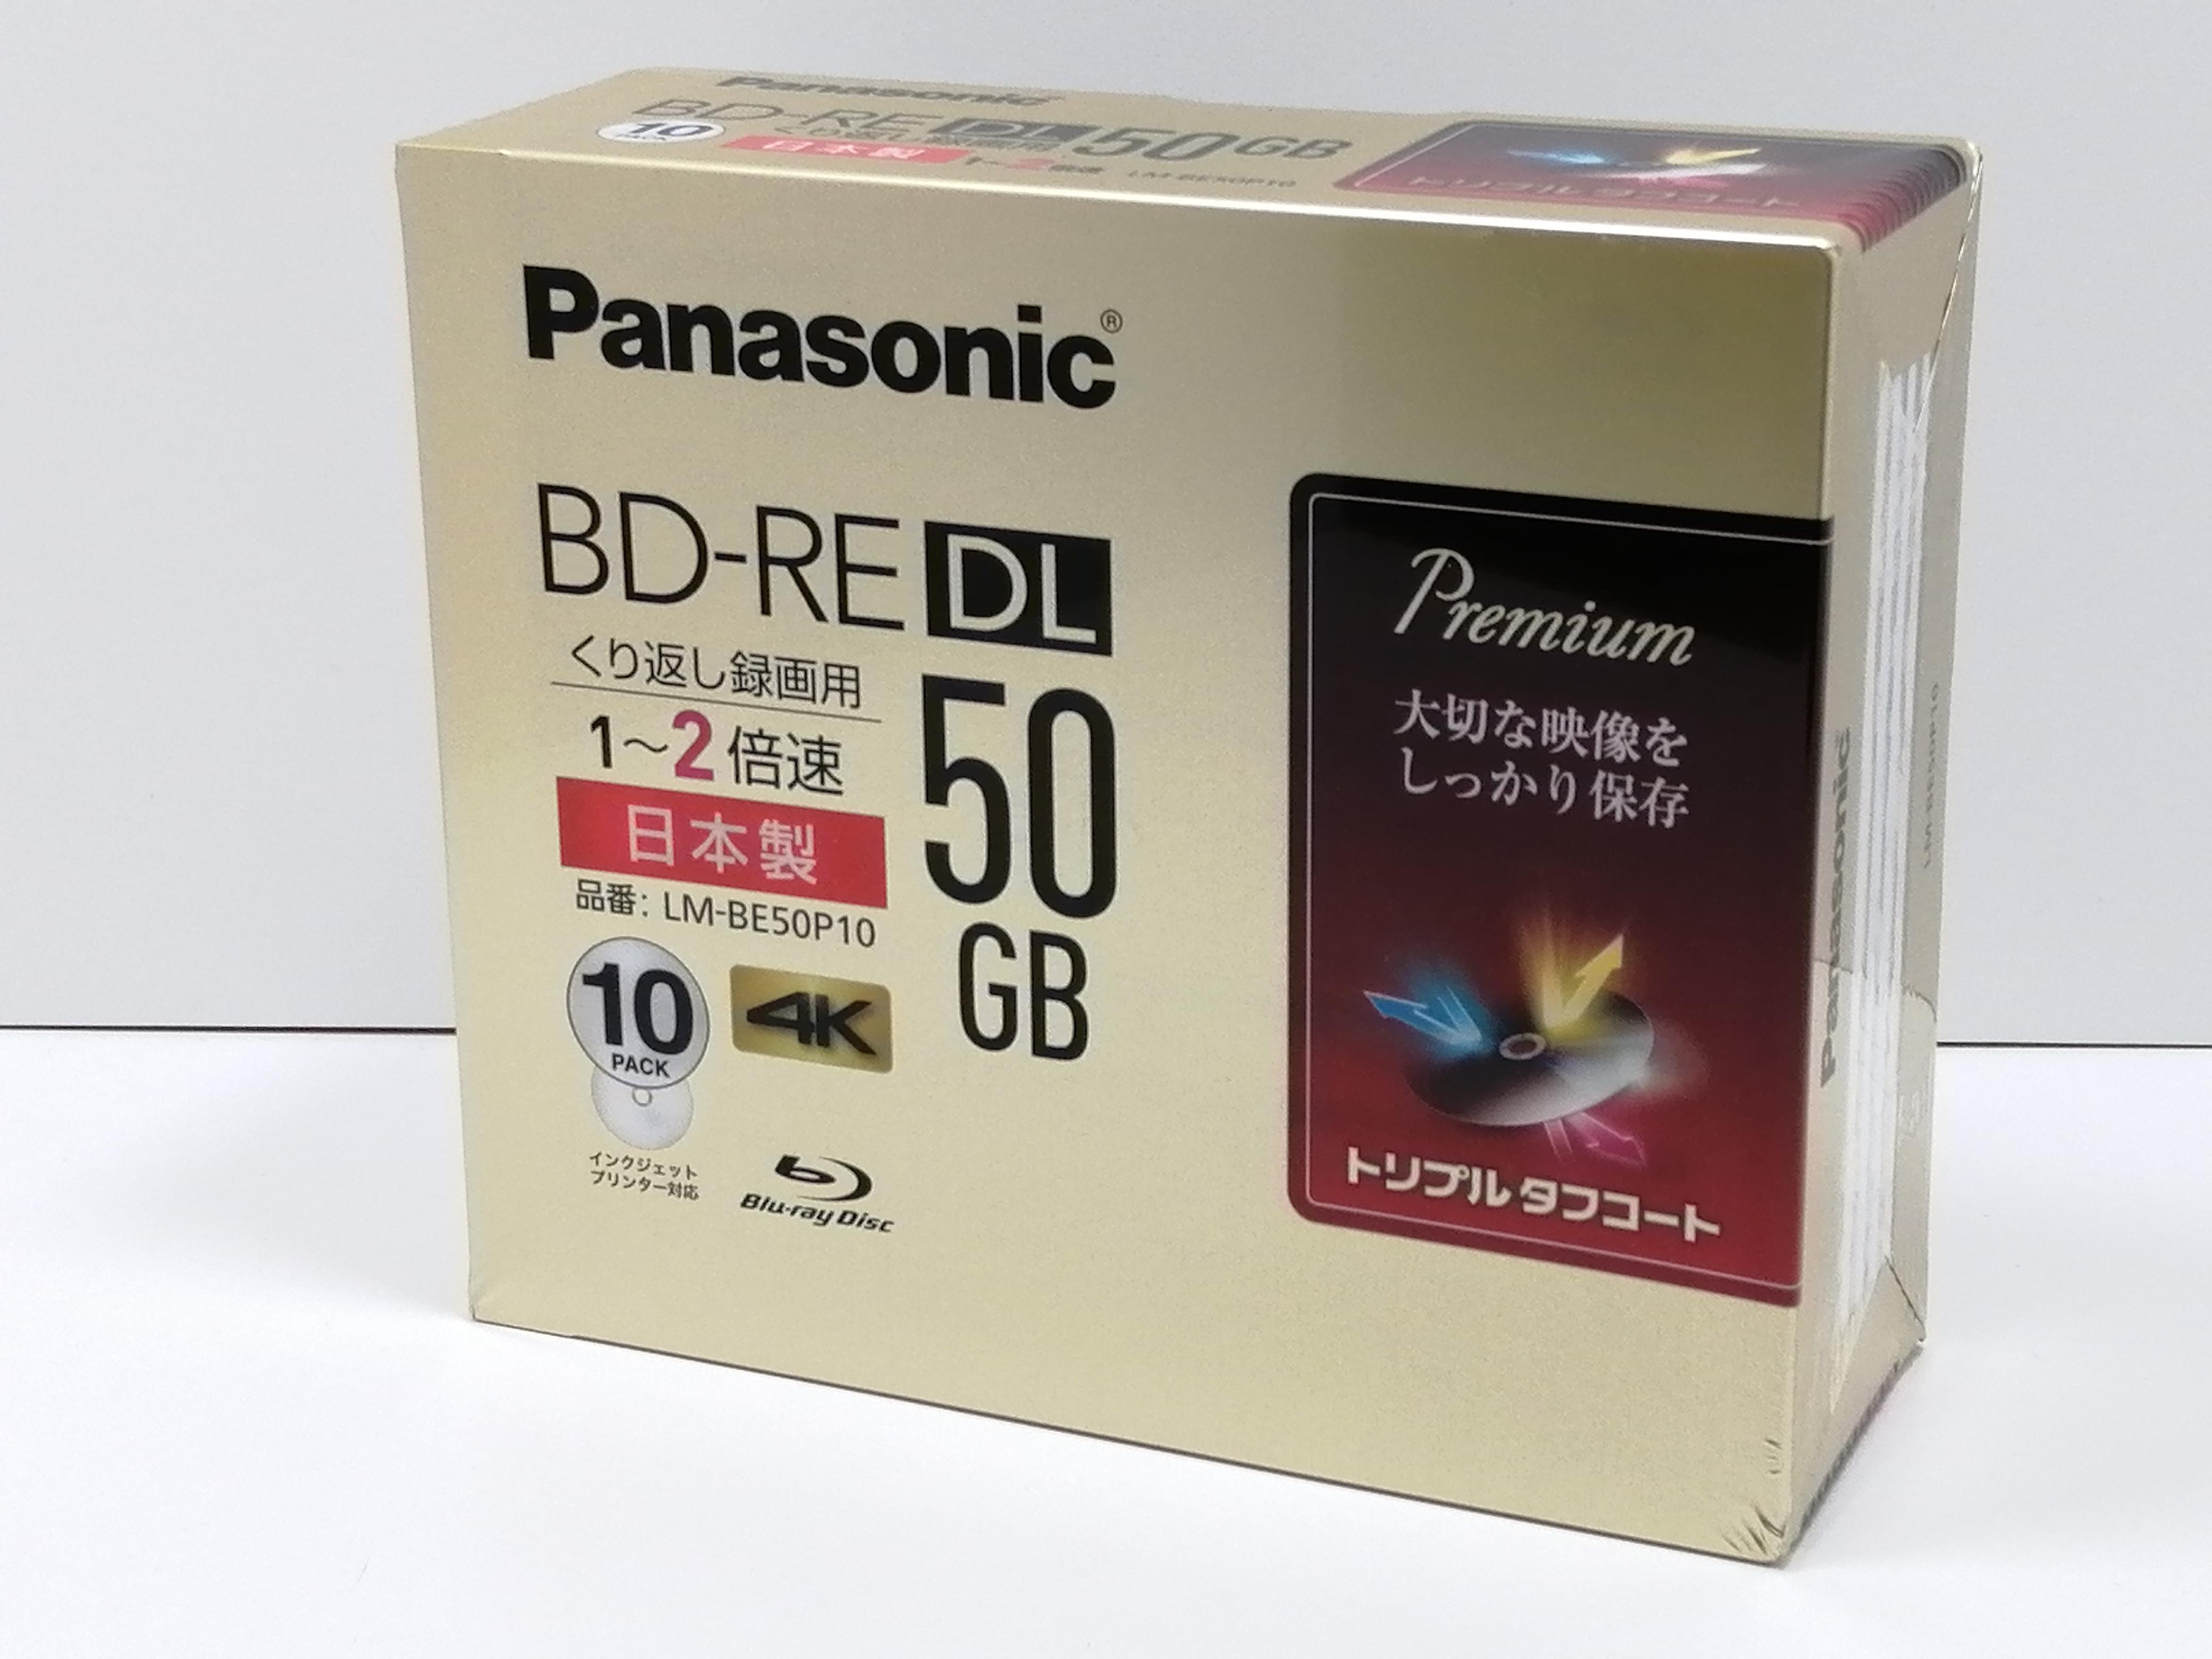 未開封・未使用品 BD-RE DL 10PACK|PANASONIC